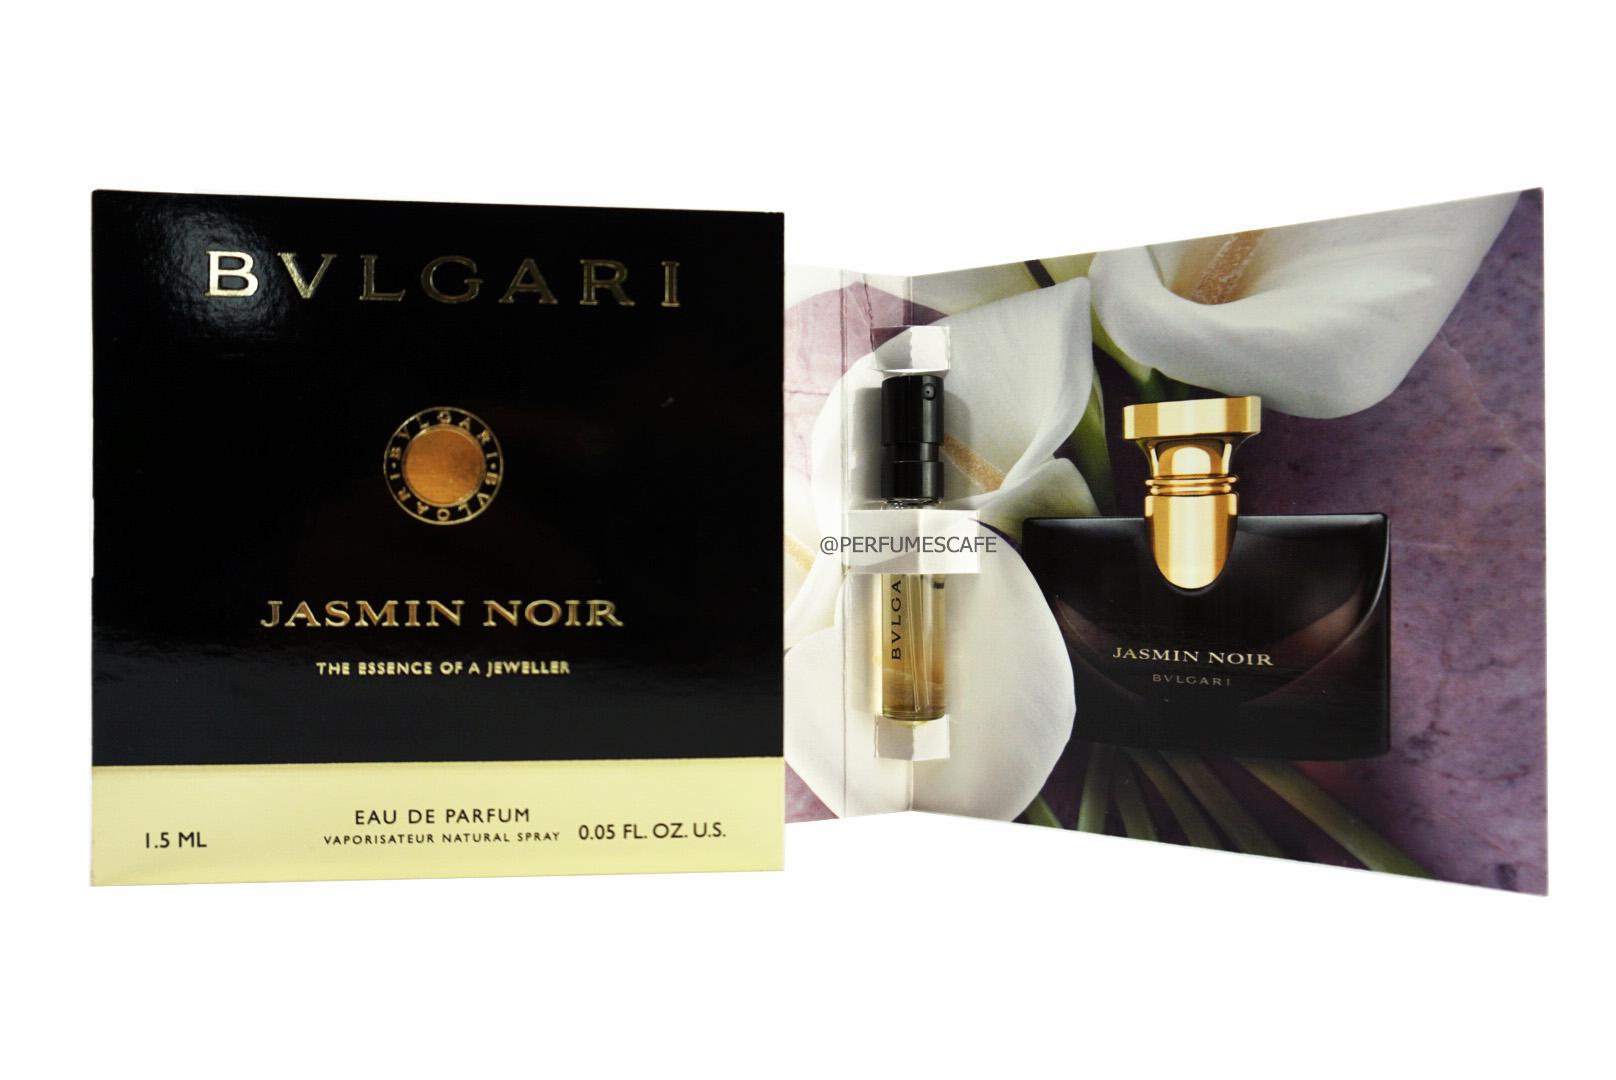 น้ำหอม Bvlgari Jasmin Noir for Women ขนาด 1.5ml